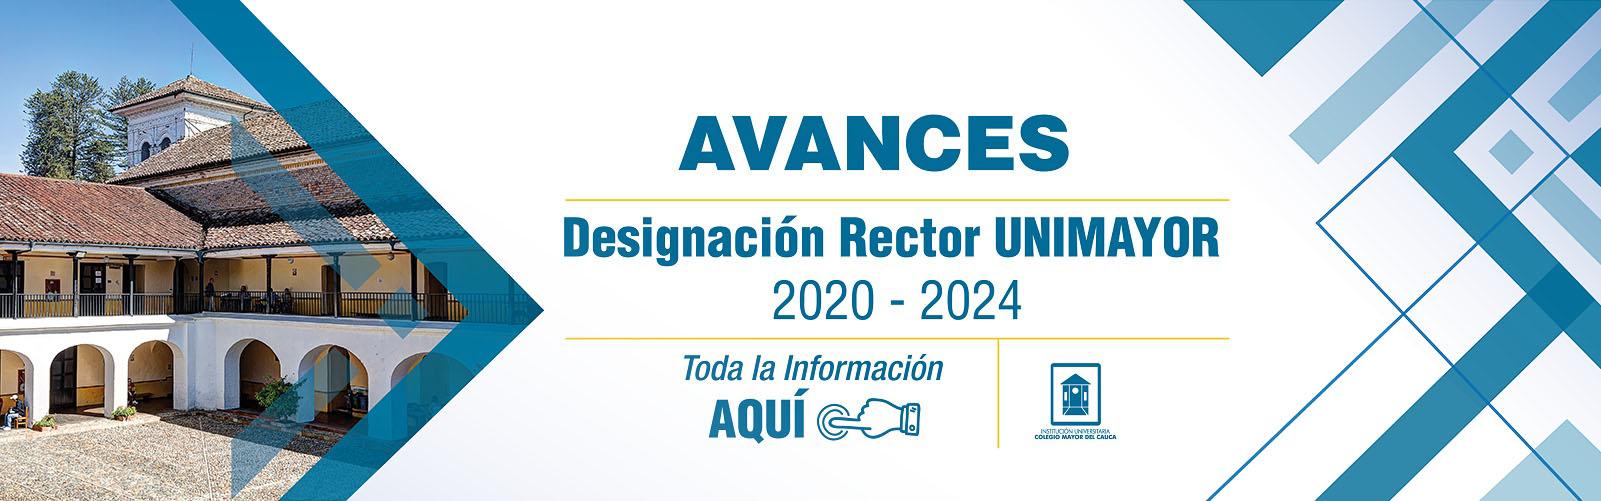 Designacion_Rectorial_avances_02